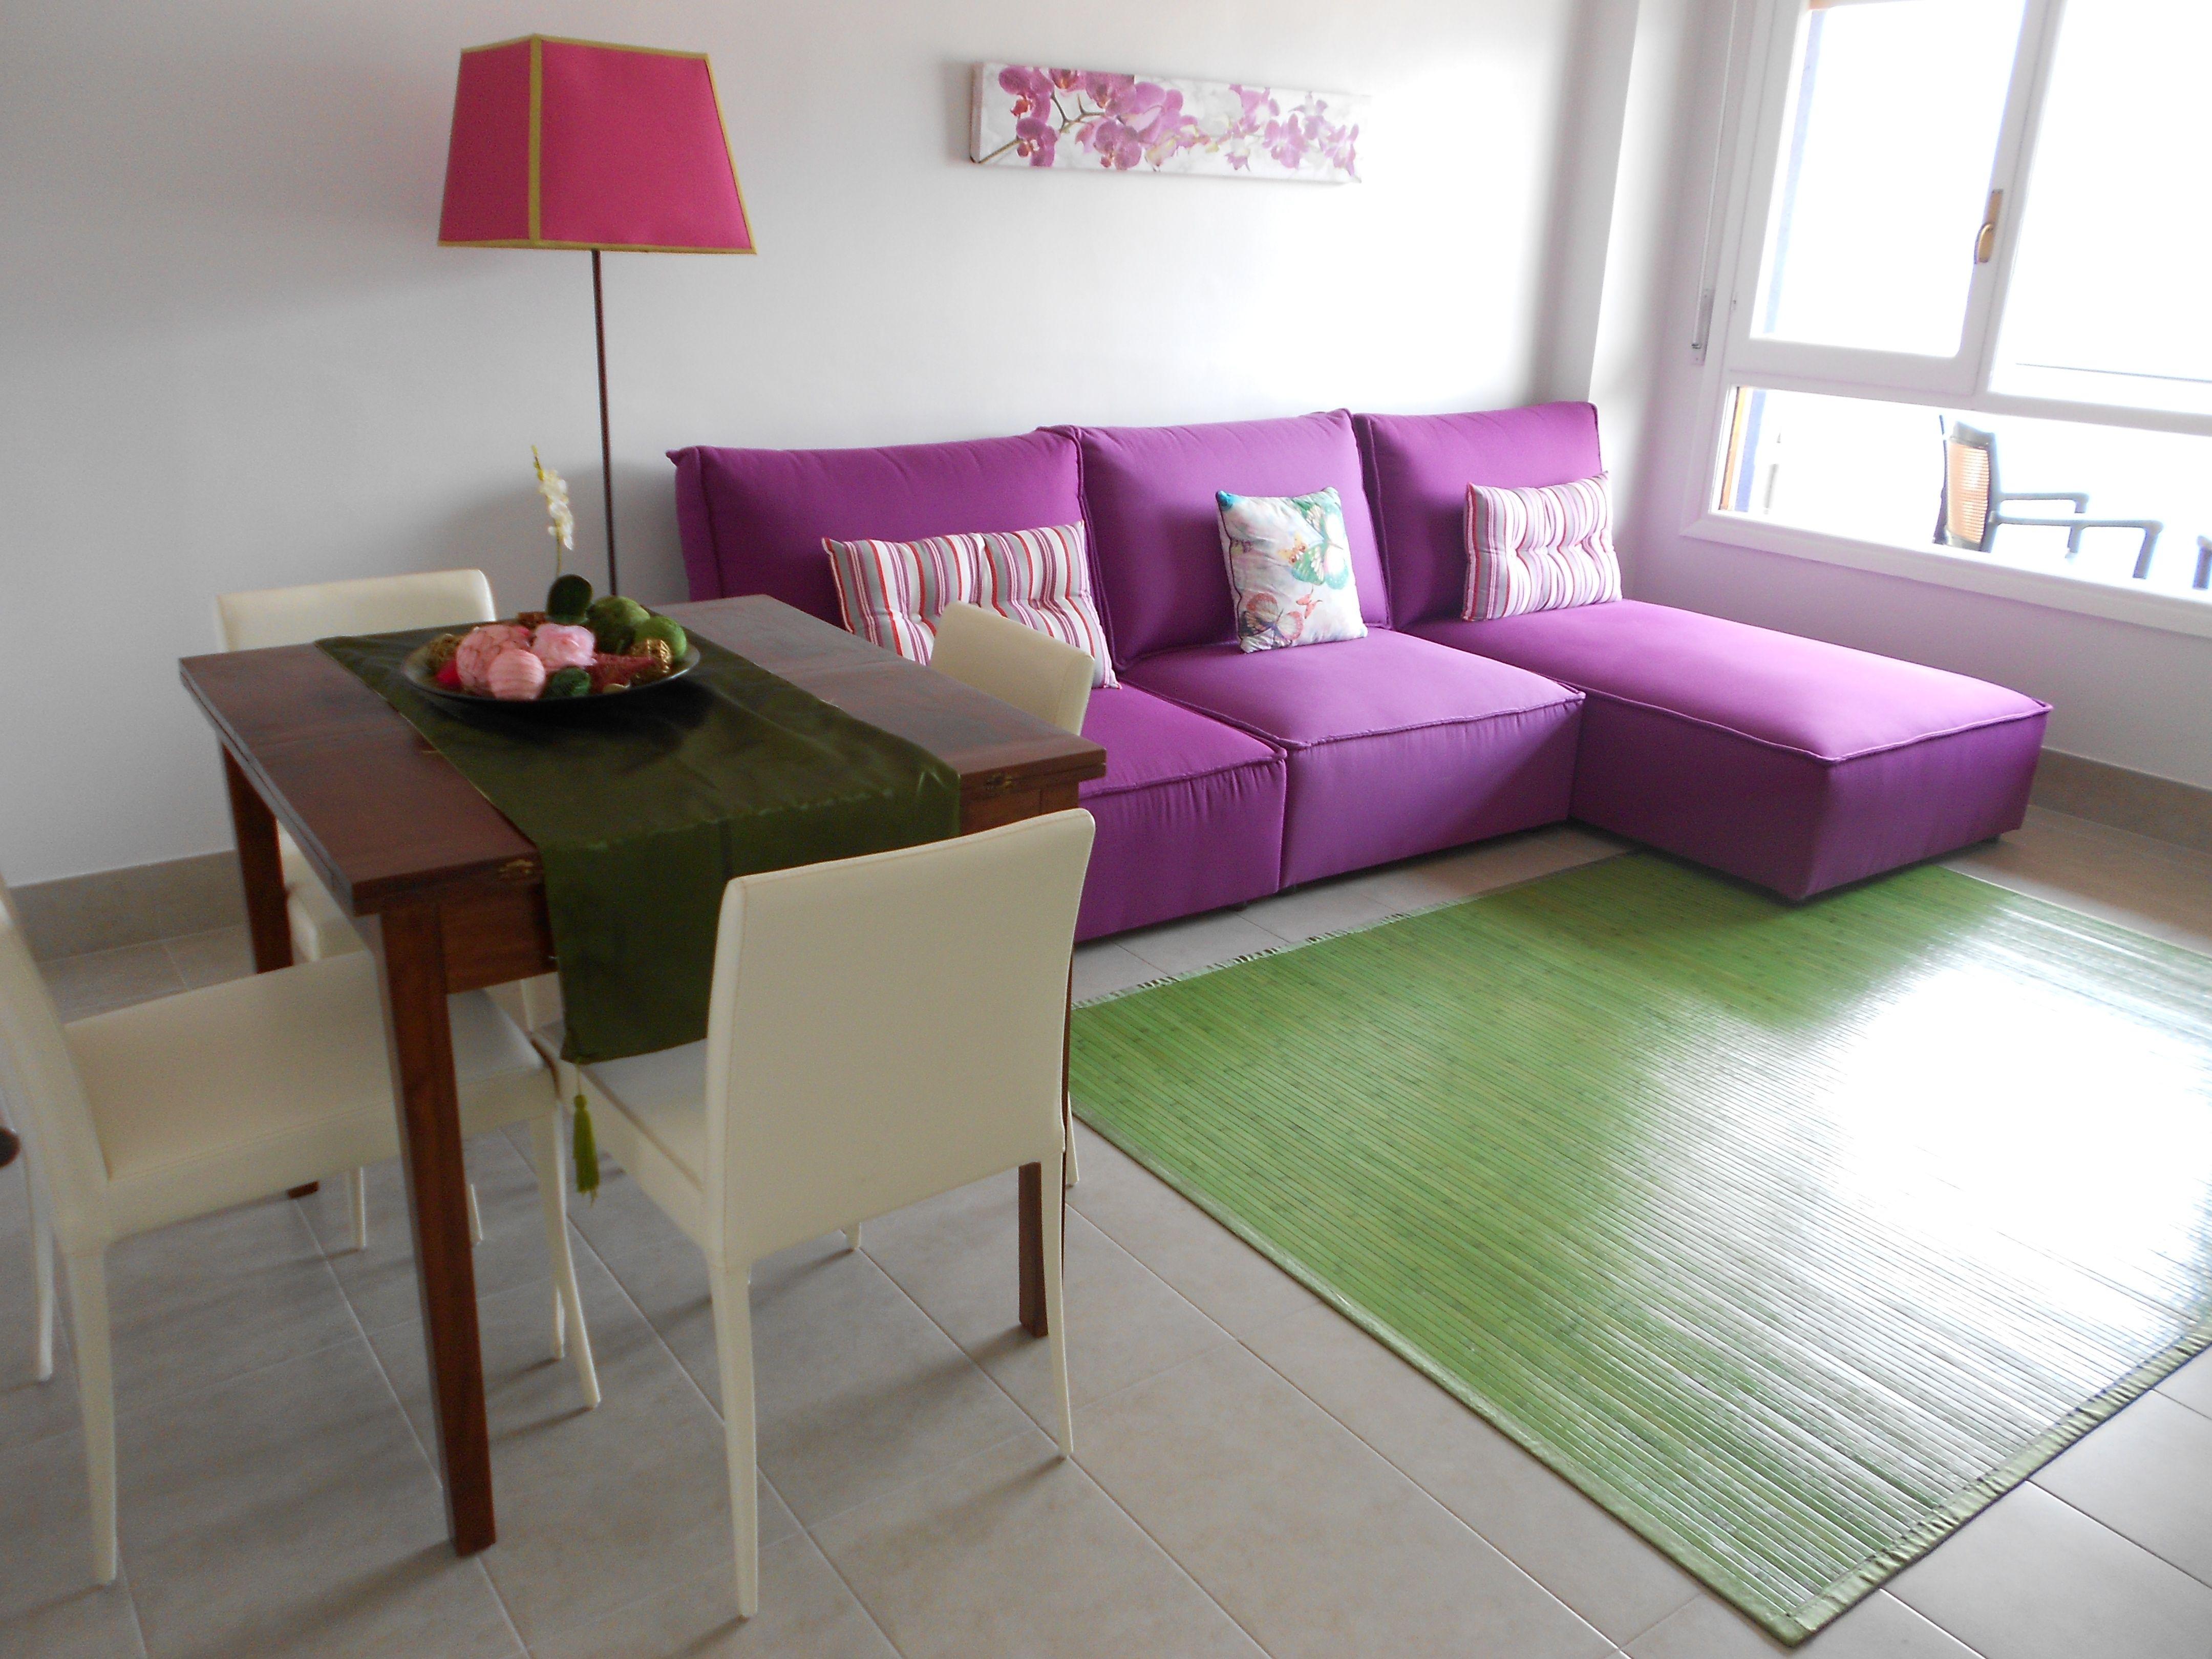 Salon estar-comedor economico en piso para alquiler | MIS TRABAJOS ...